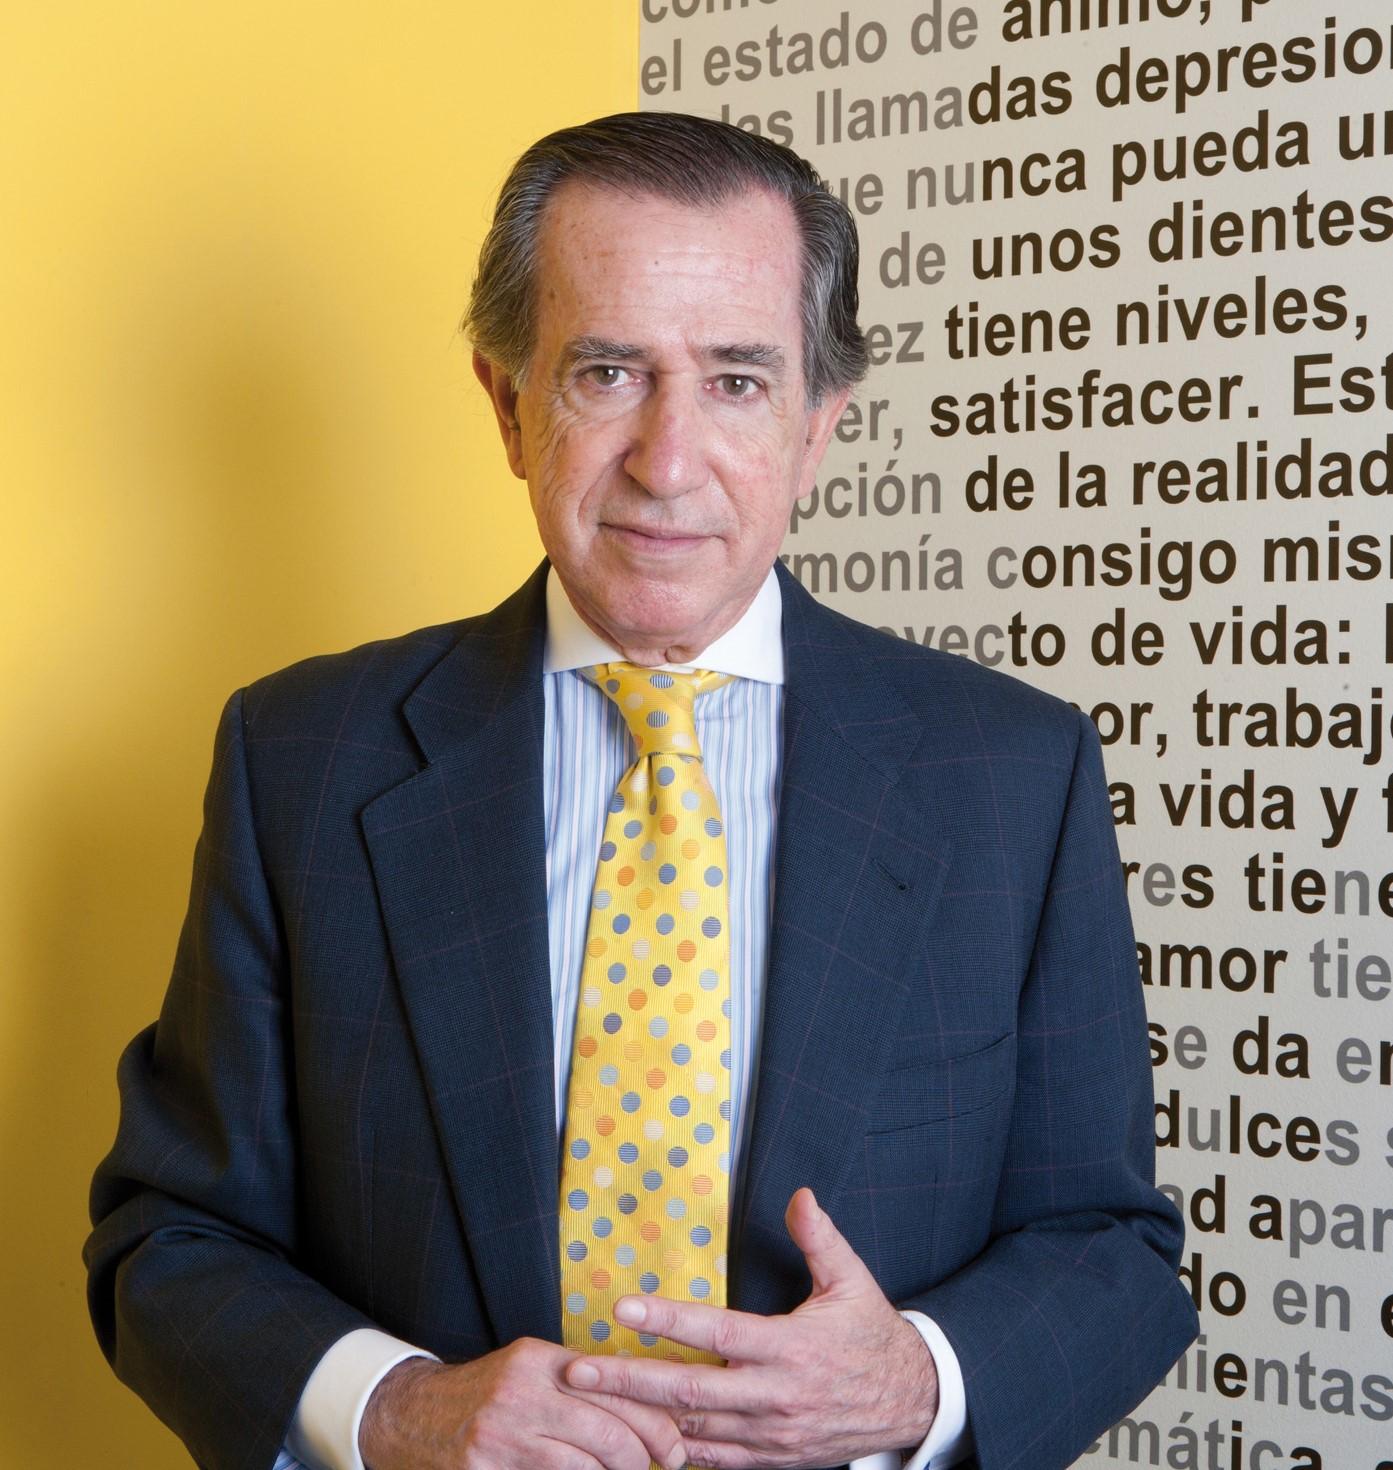 Wook.pt - Enrique Rojas